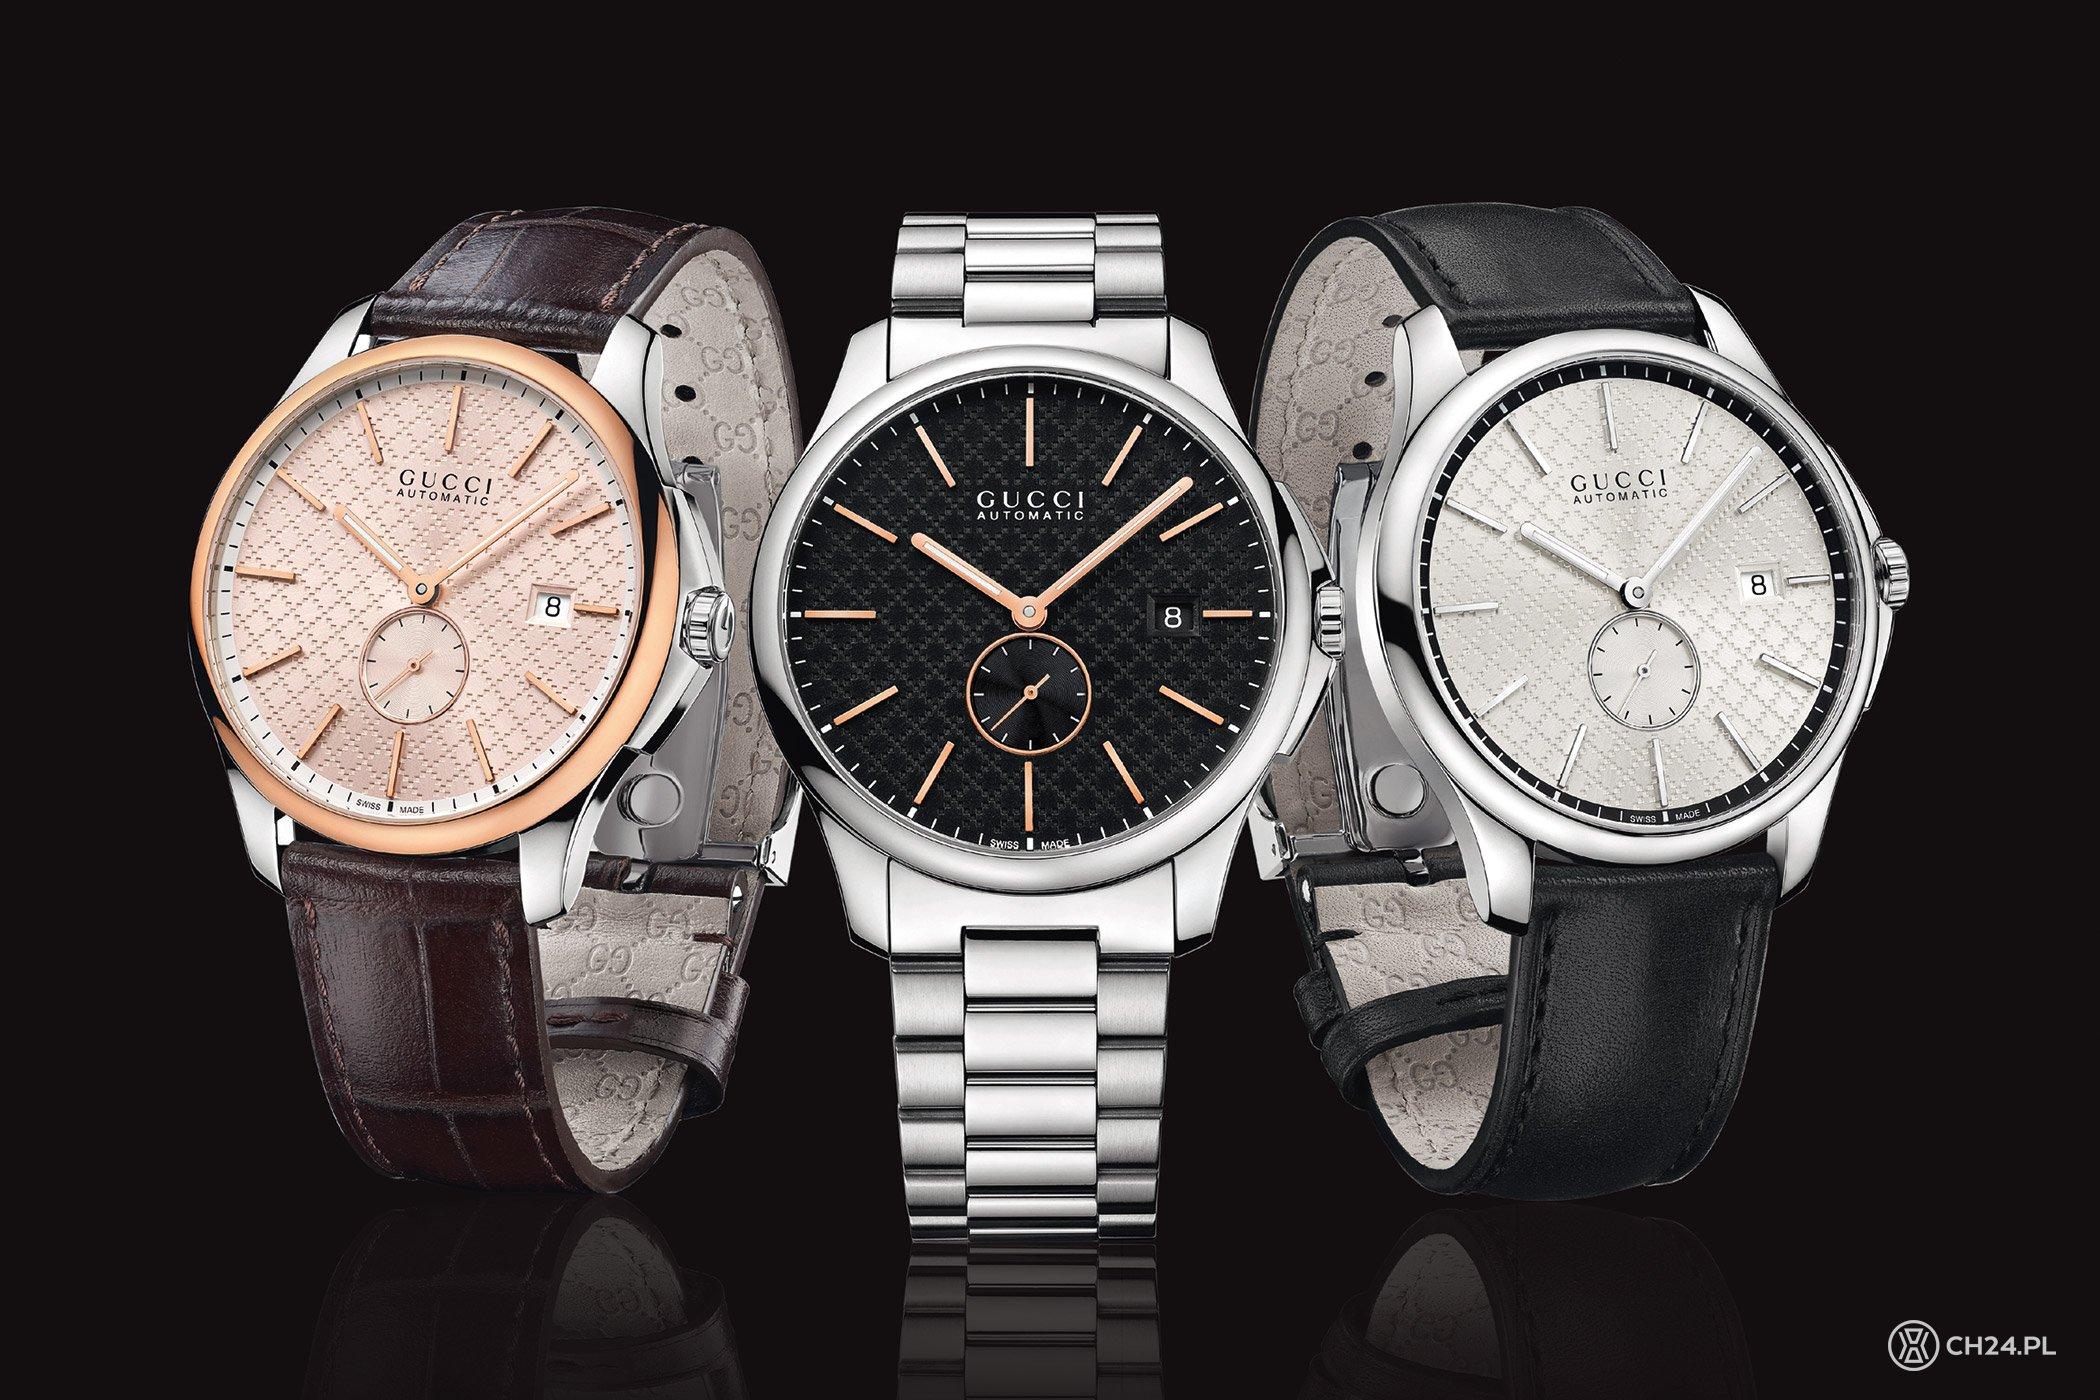 1bfad2b967ab06 Dzieje zegarmistrzostwa: Historia zegarków fashion (część 1) - CH24.PL